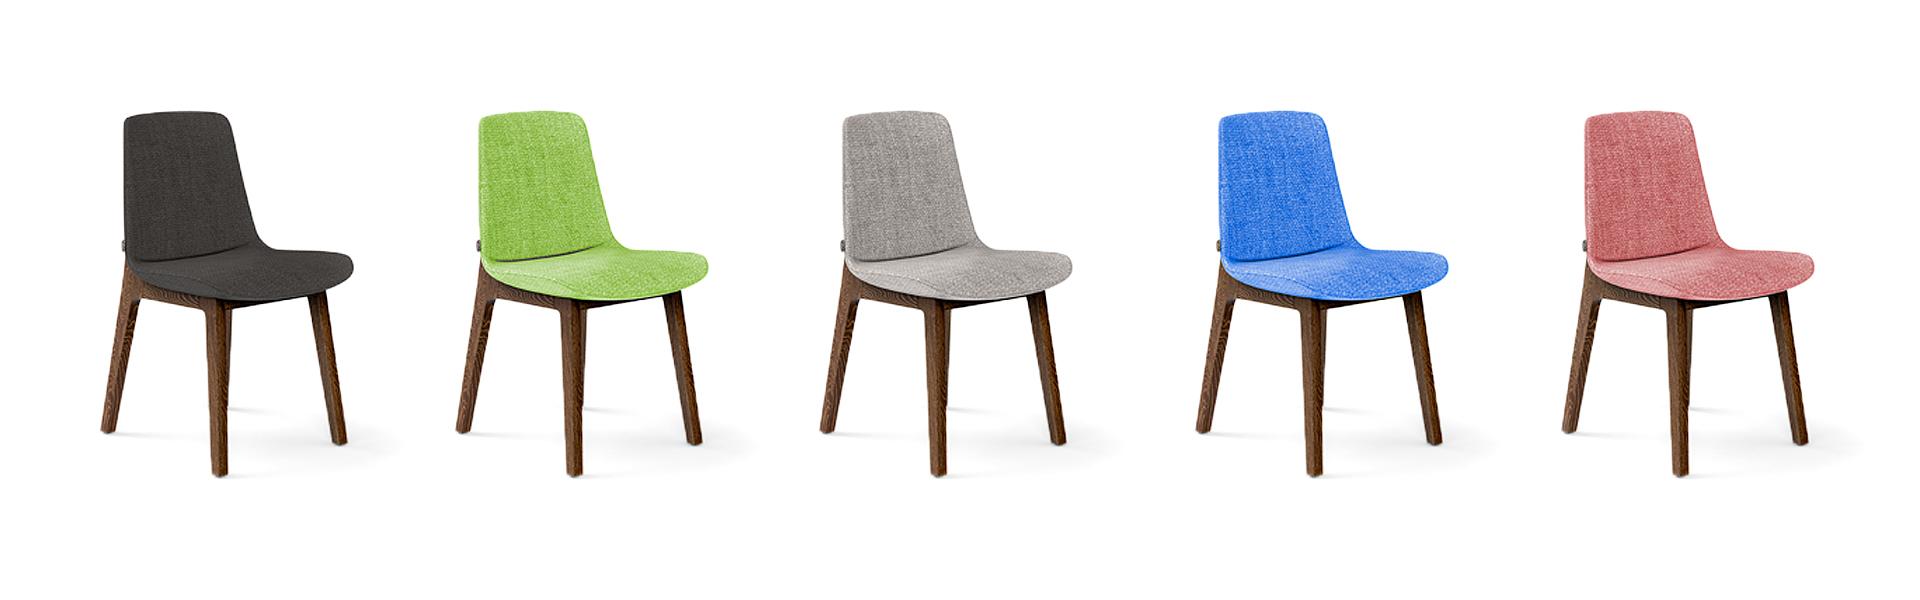 Colourways Chair Renders